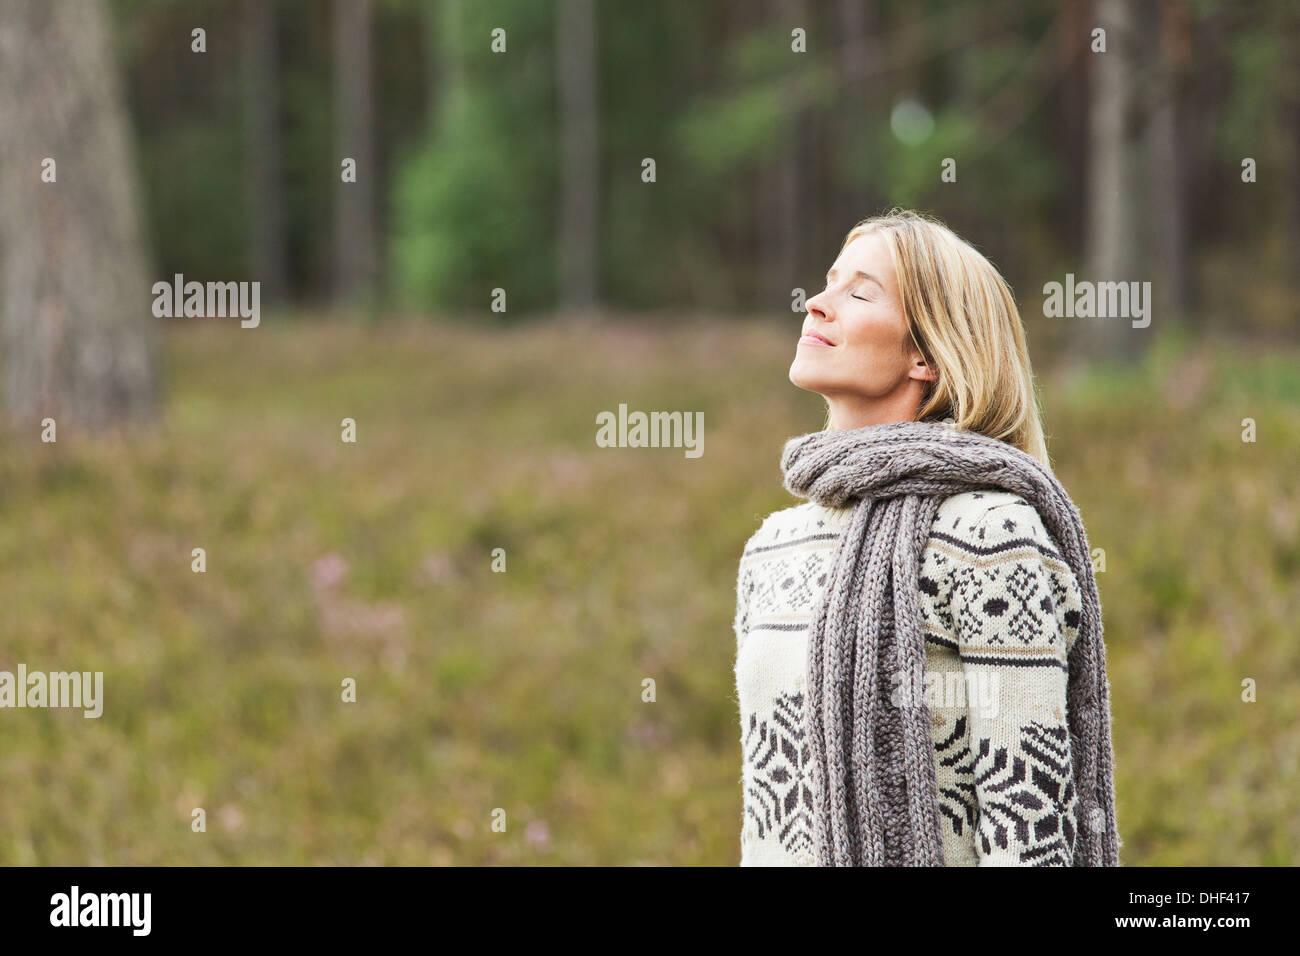 Mitte Erwachsene Frau geschlossen mit Pullover mit Augen Stockbild